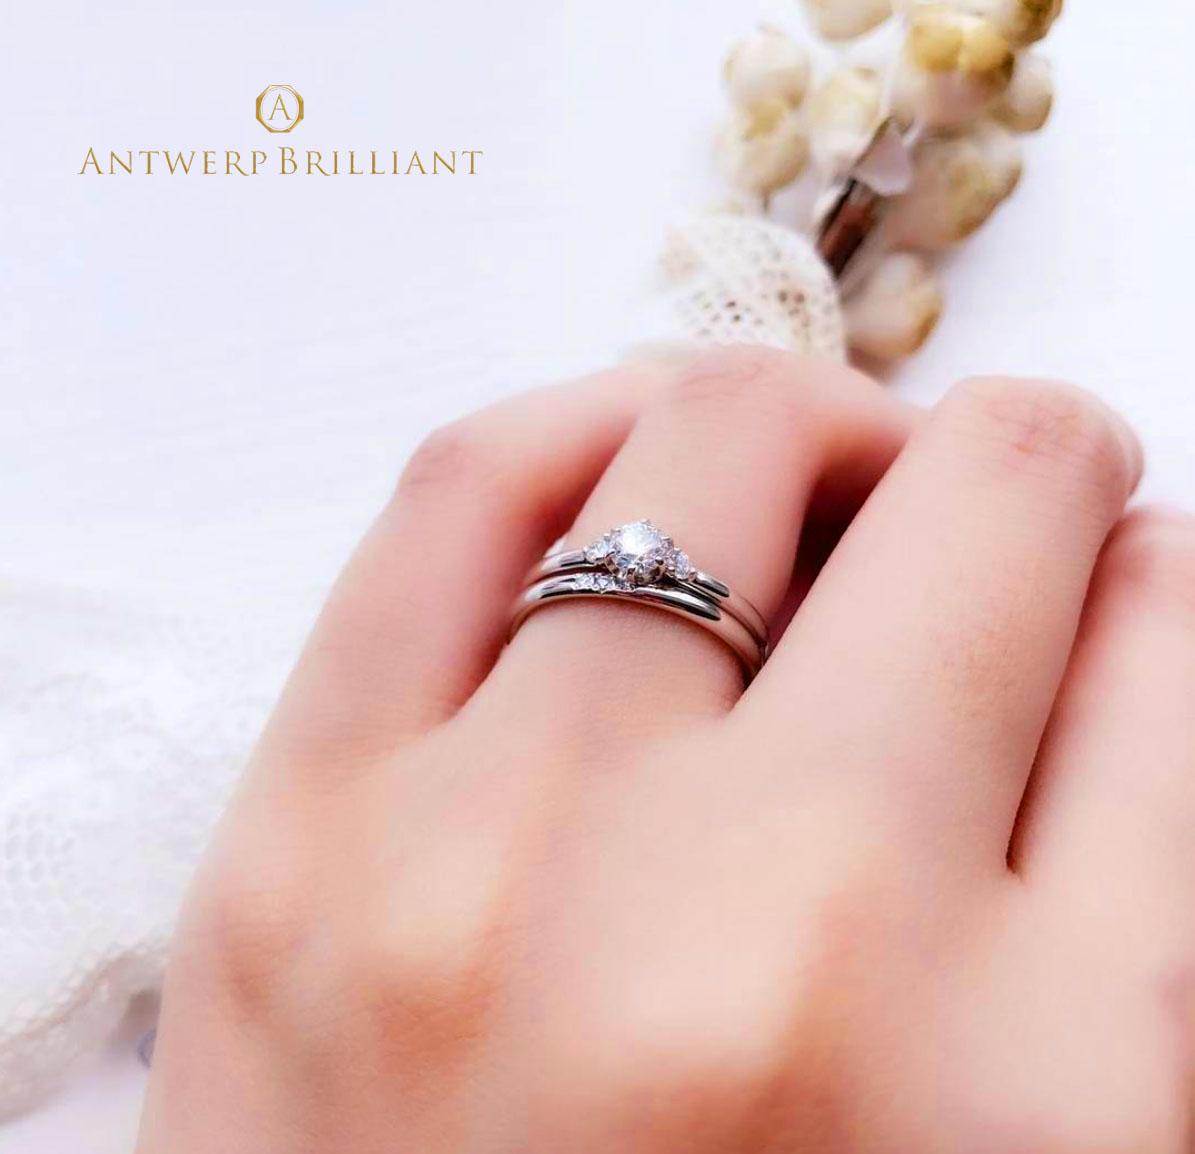 銀座で人気のシンプルで大人可愛い、プラチナとダイヤモンドの輝きが美しいAsterismの婚約指輪と結婚指輪 サプライズプロポーズにも重ね付けにも人気があるデザインです